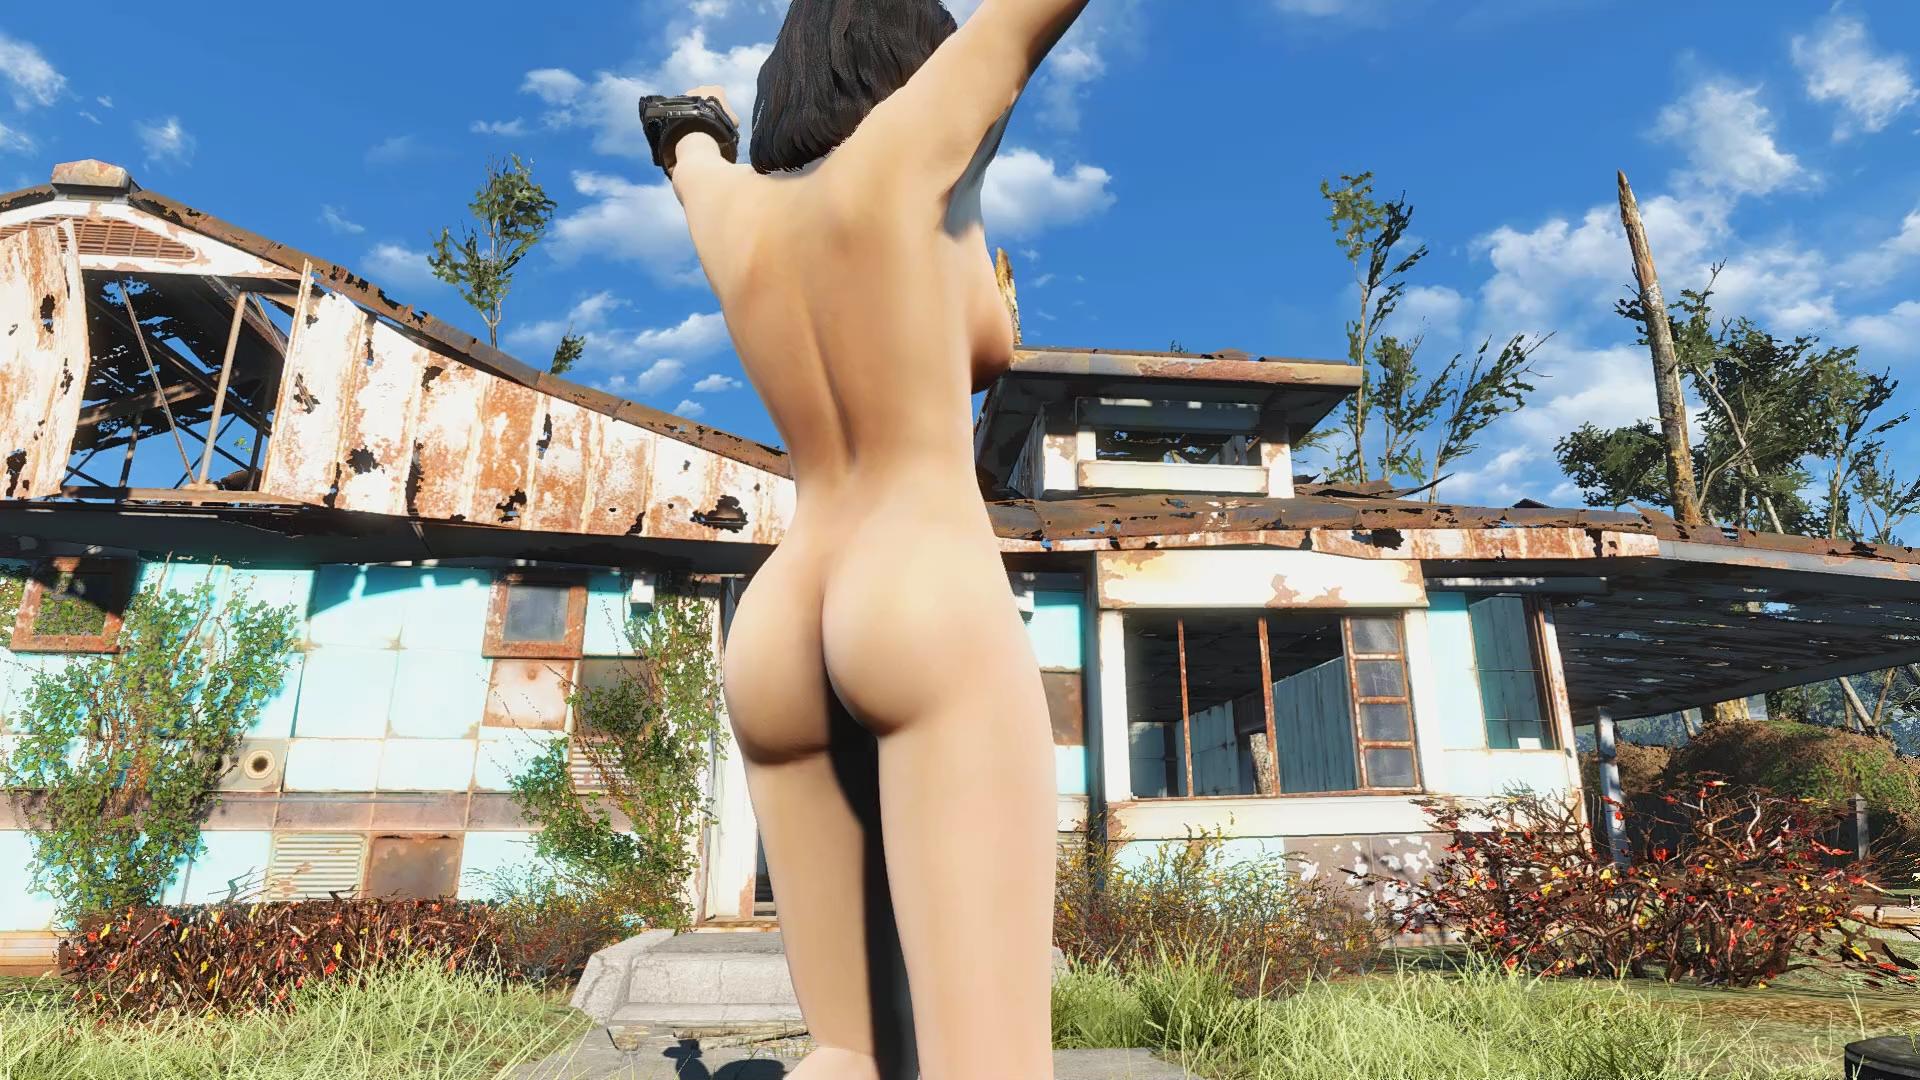 SEXFall: 6.4 + DD - Большая сборка лучших обычных и секс модов для Fallout 4